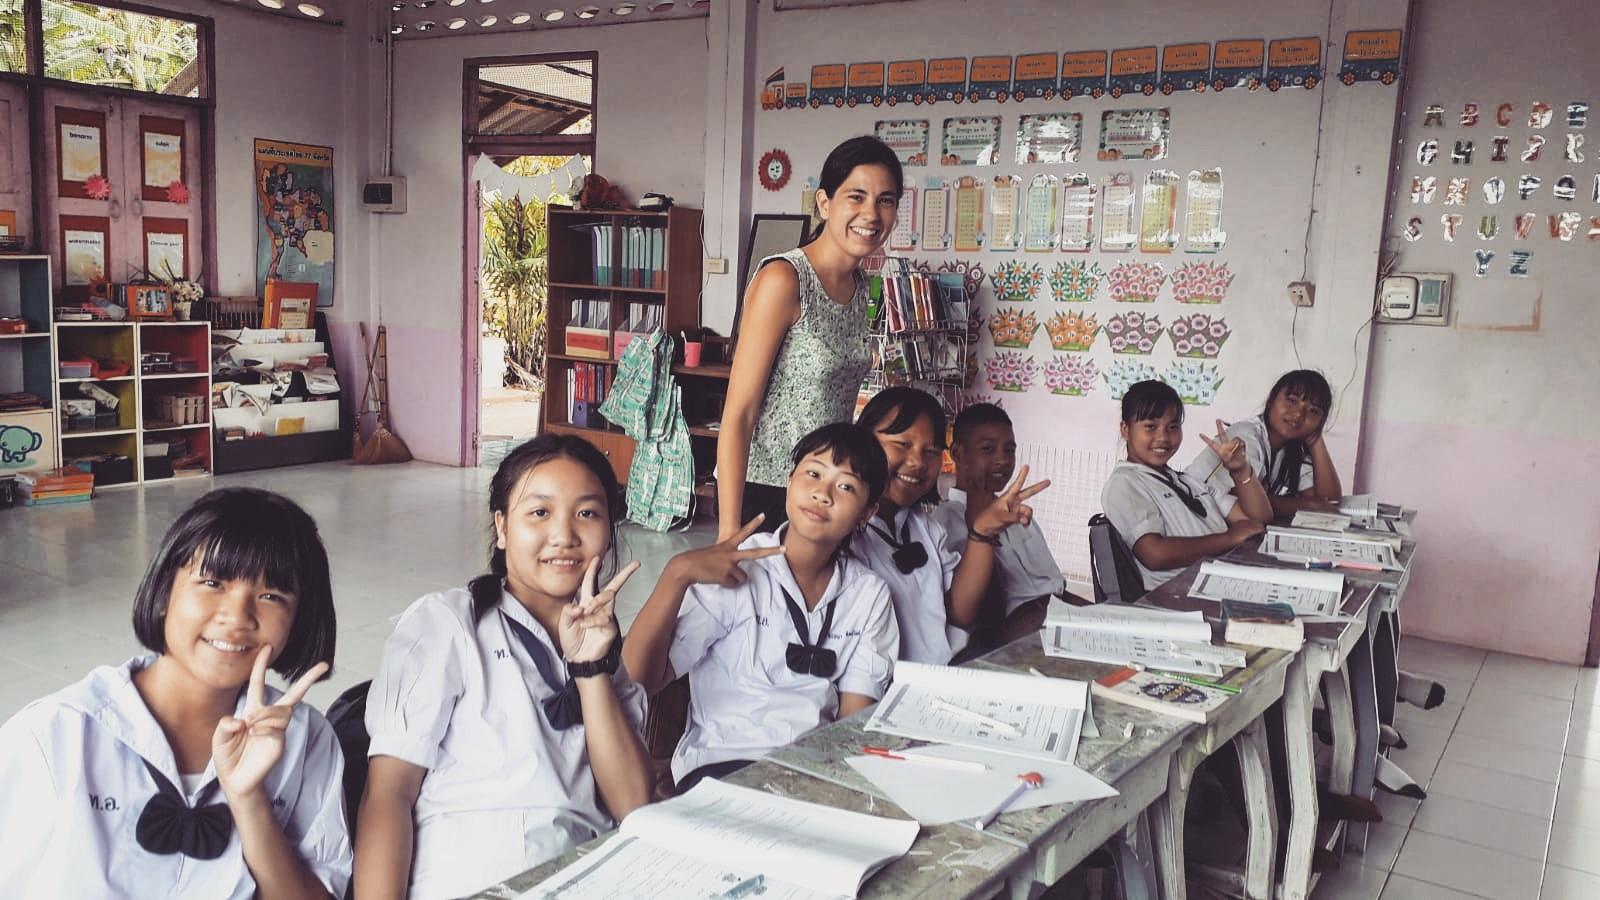 NouSol desenvolupa diferents programes per tal que infants i joves tinguin accés al dret a l'educació